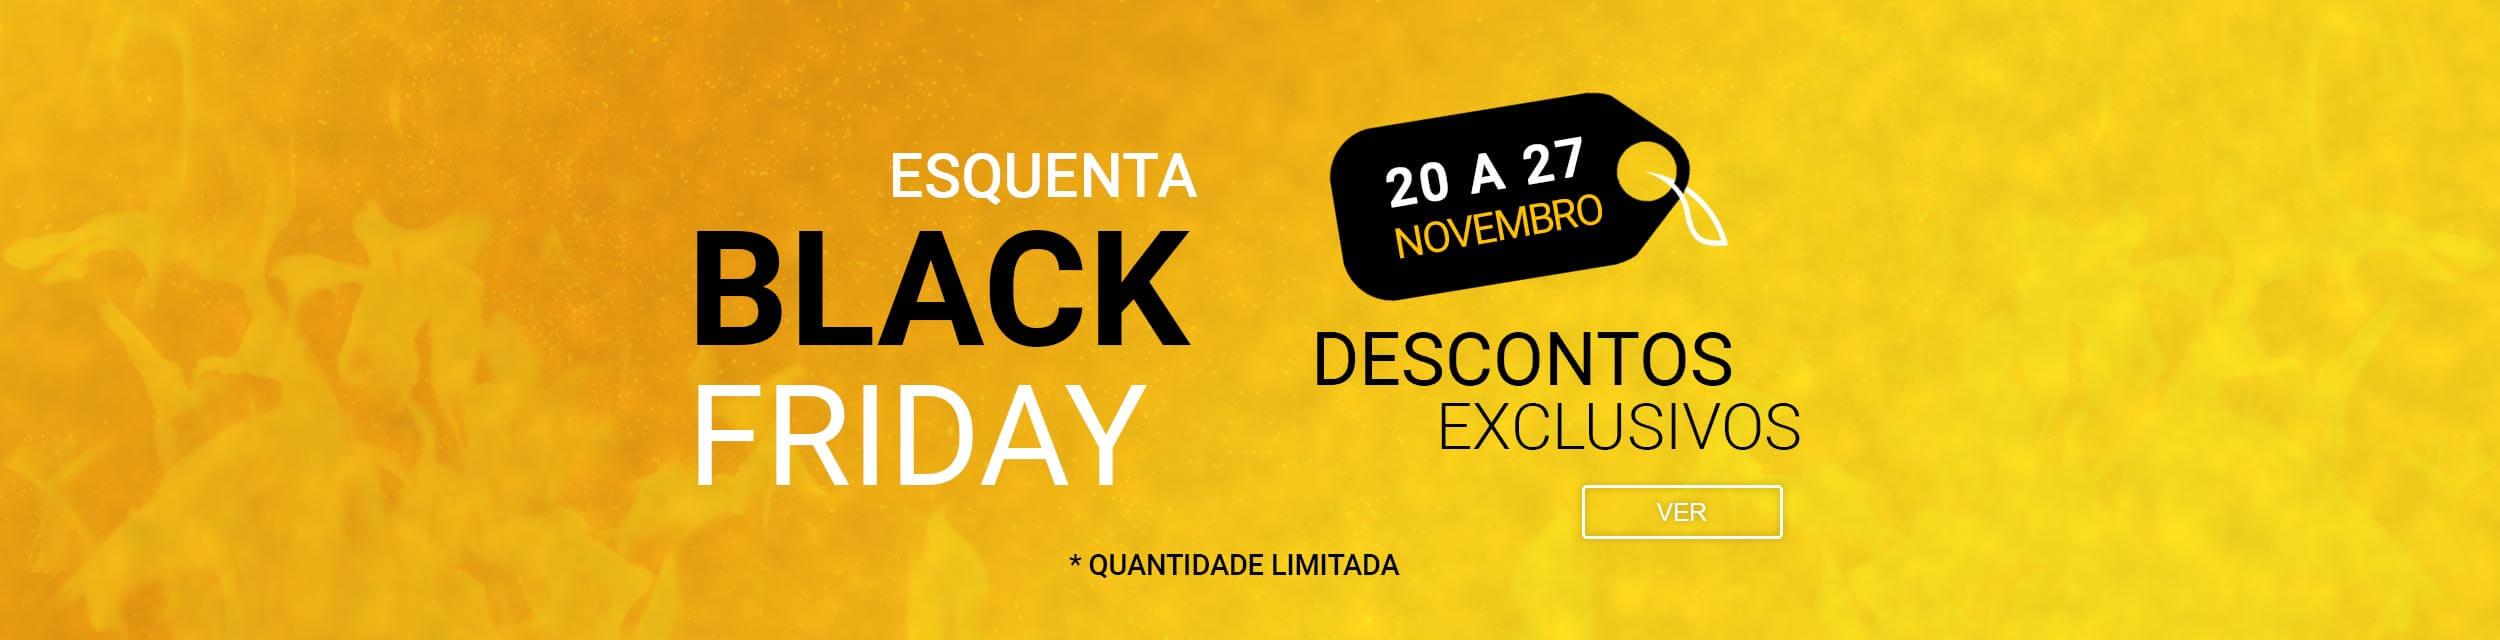 F - Esquenta Black Friday 2020